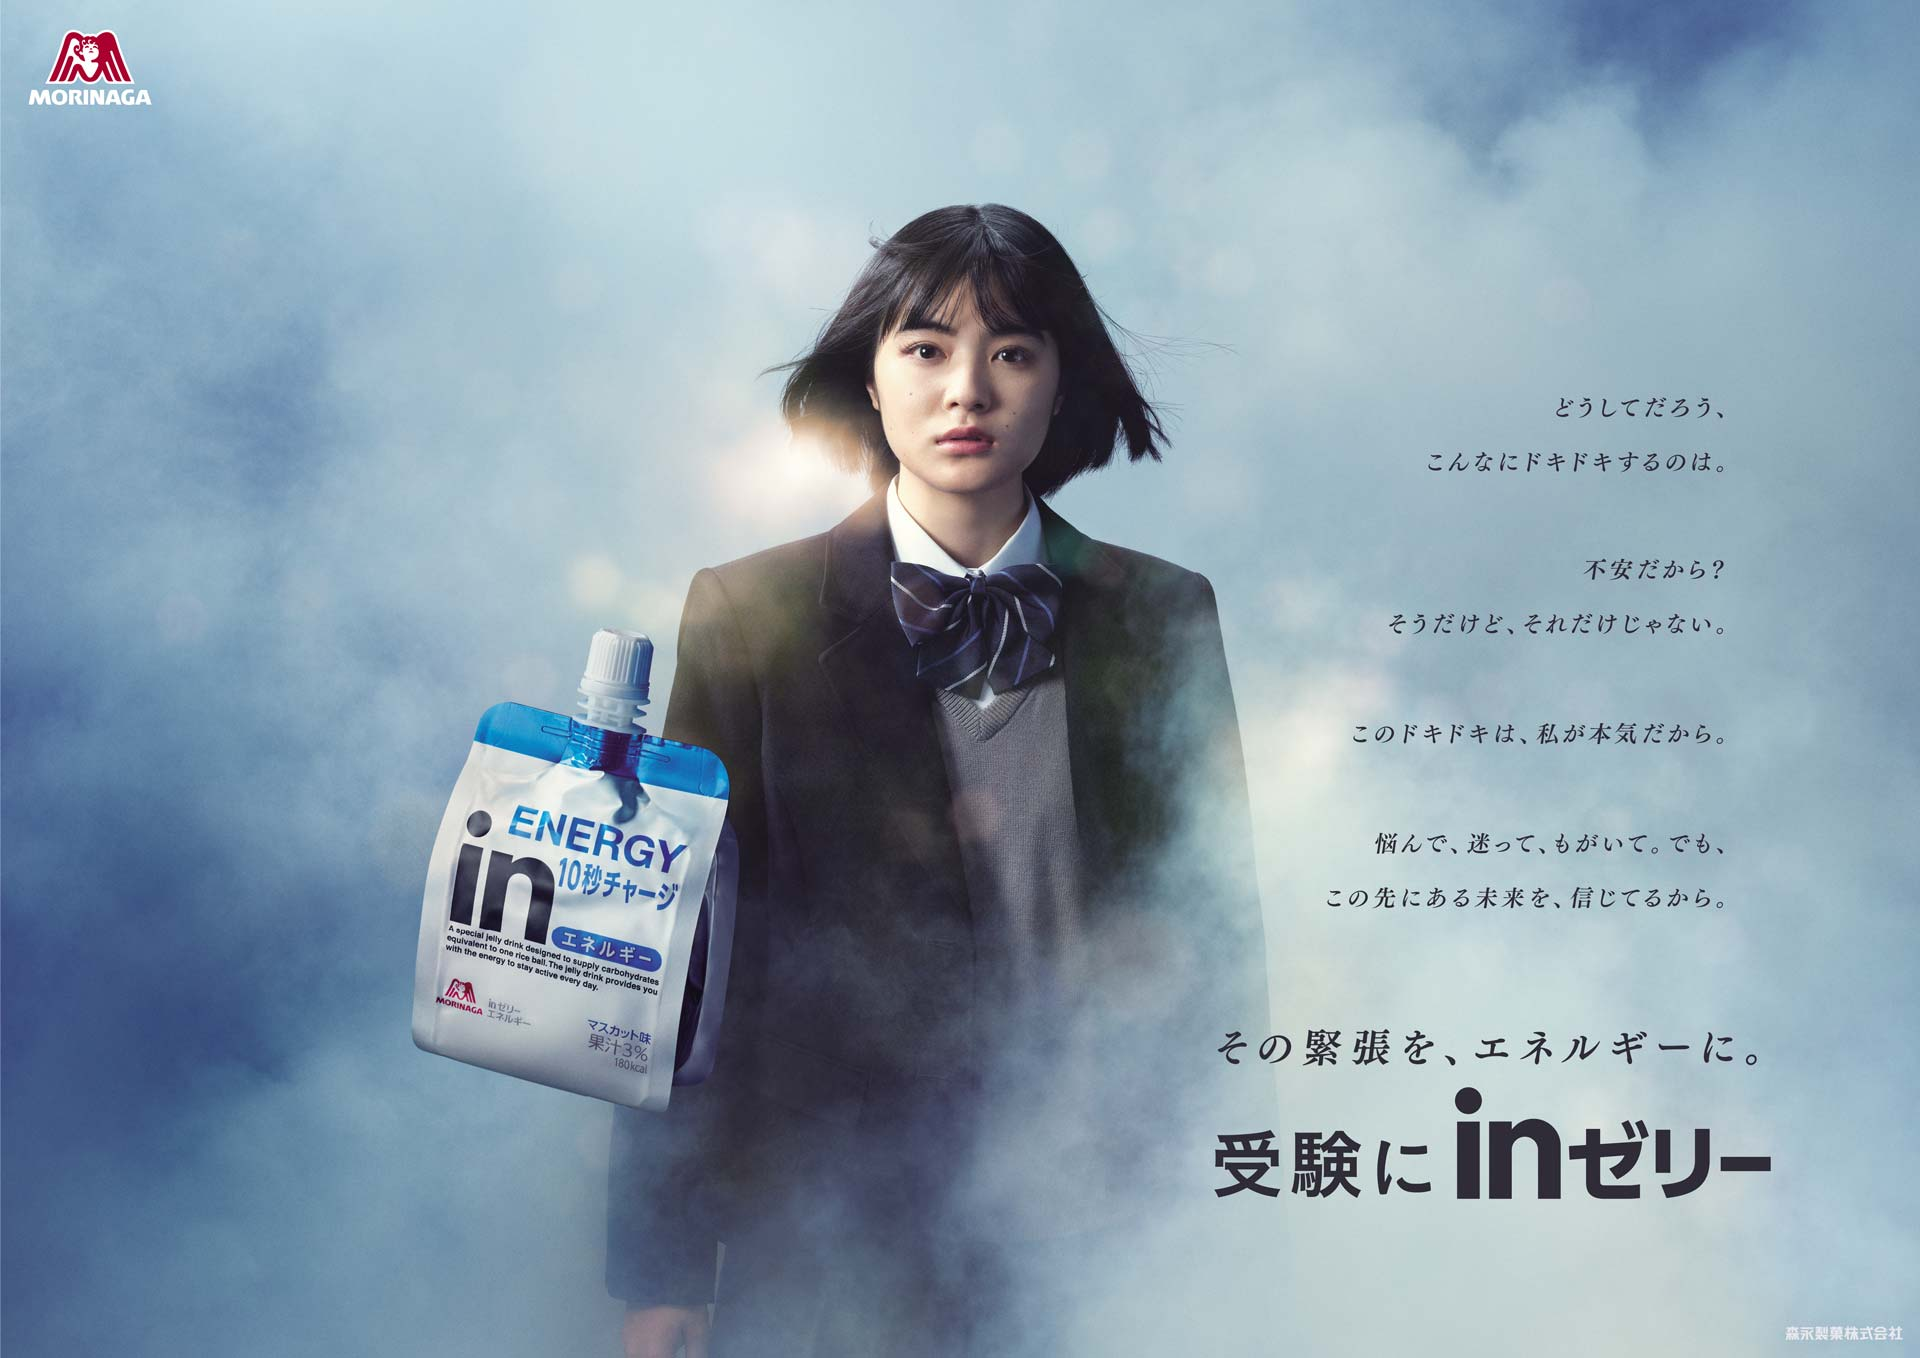 森永製菓 inゼリー「受験にinゼリー2021〜その緊張を、エネルギーに。〜」篇